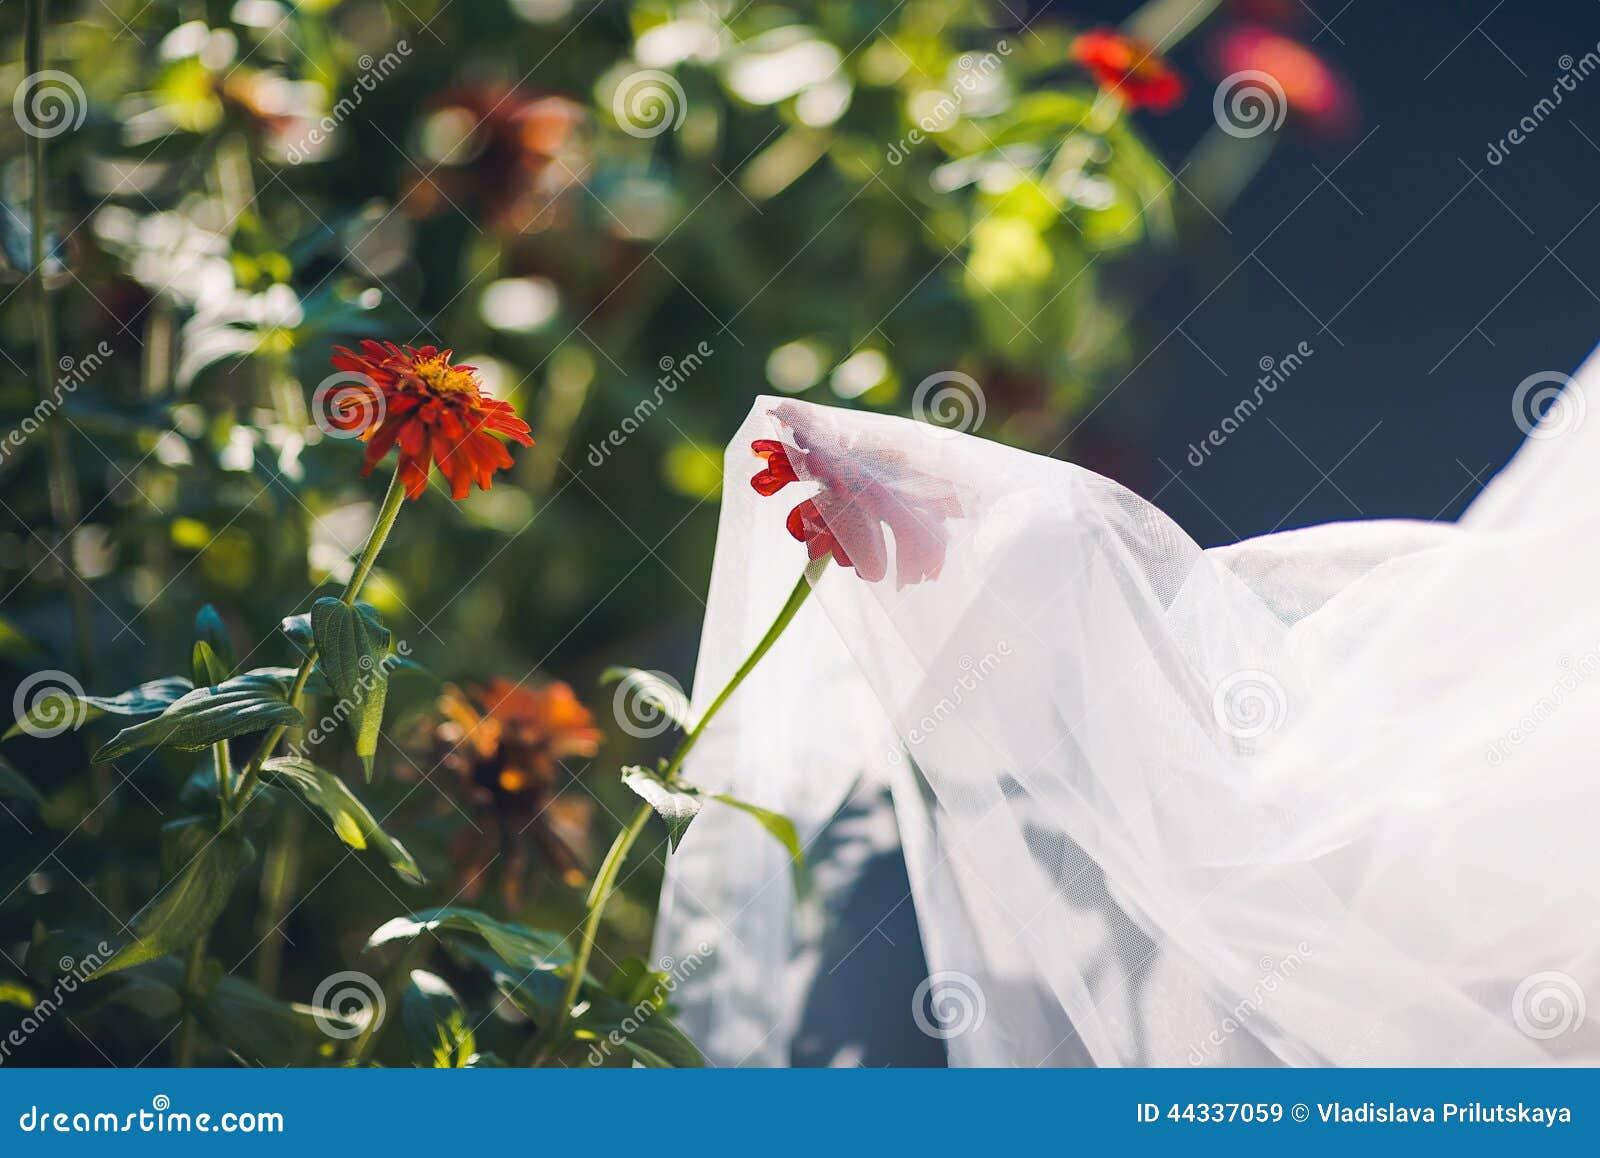 Mooie bruidssluier met bloemen